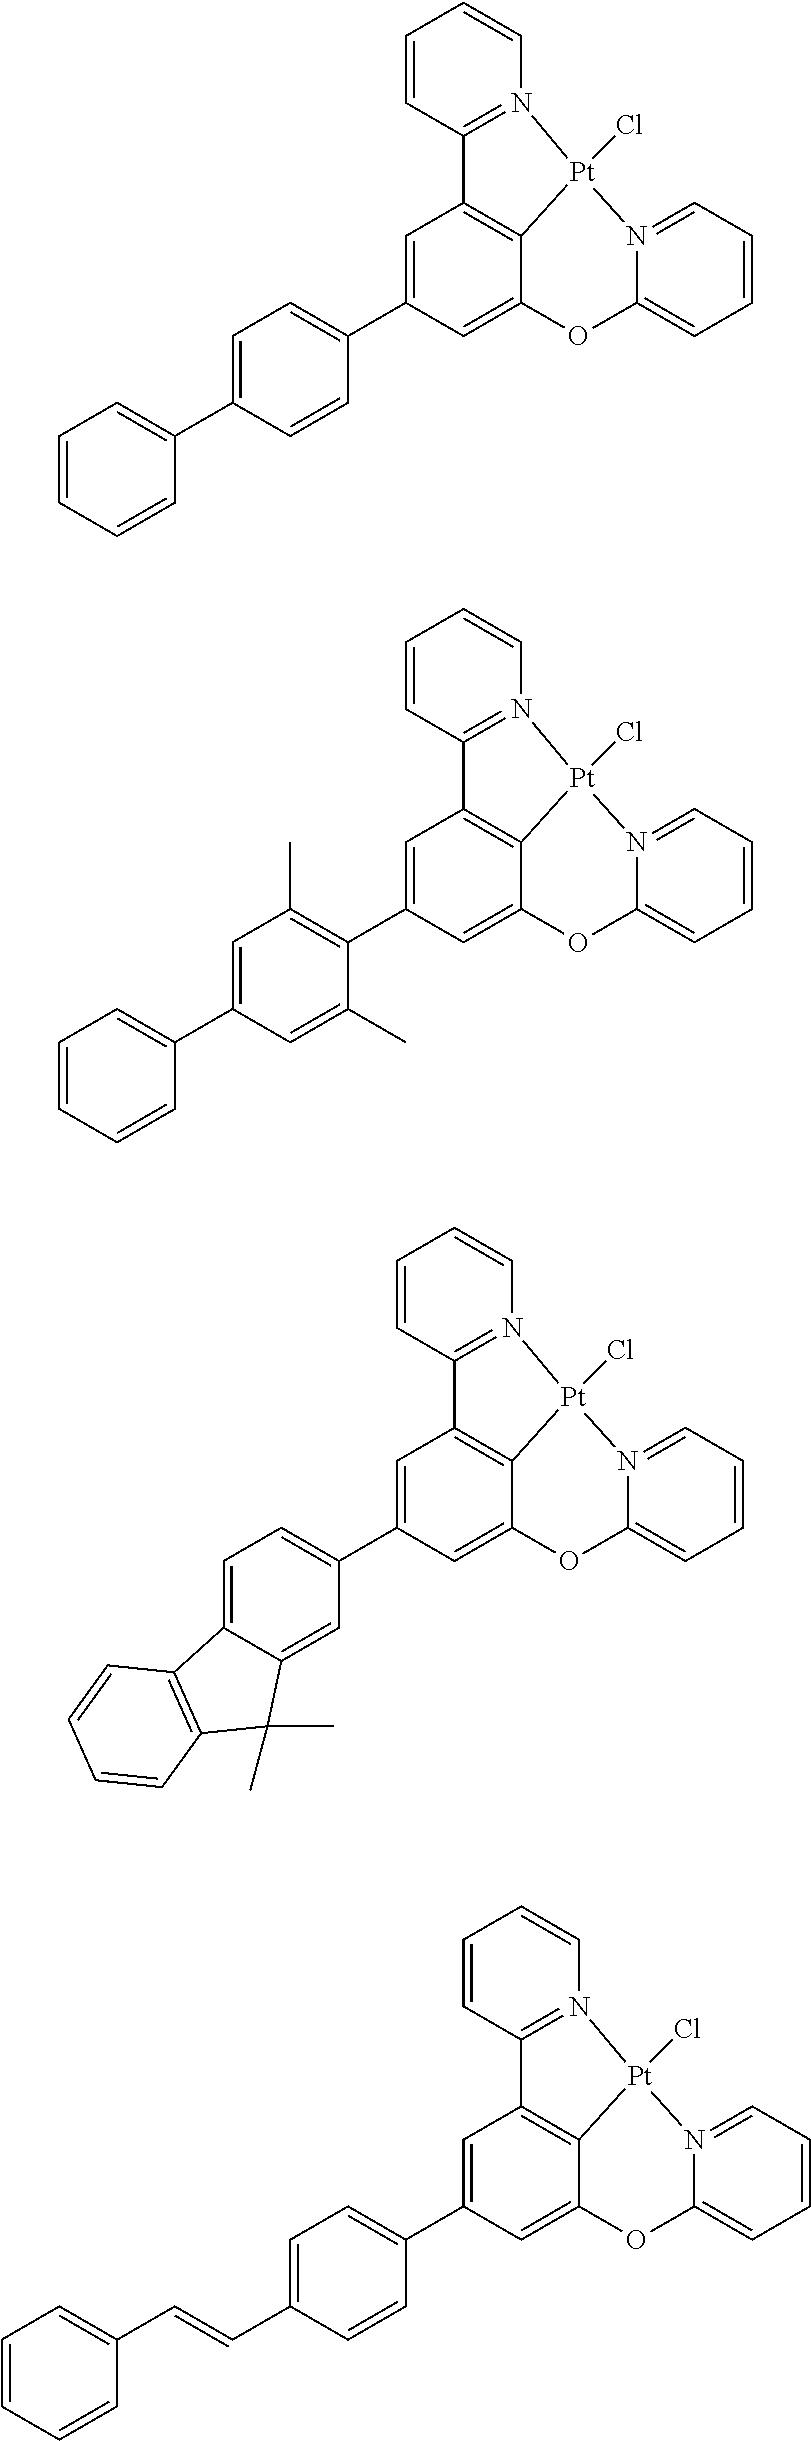 Figure US09818959-20171114-C00156